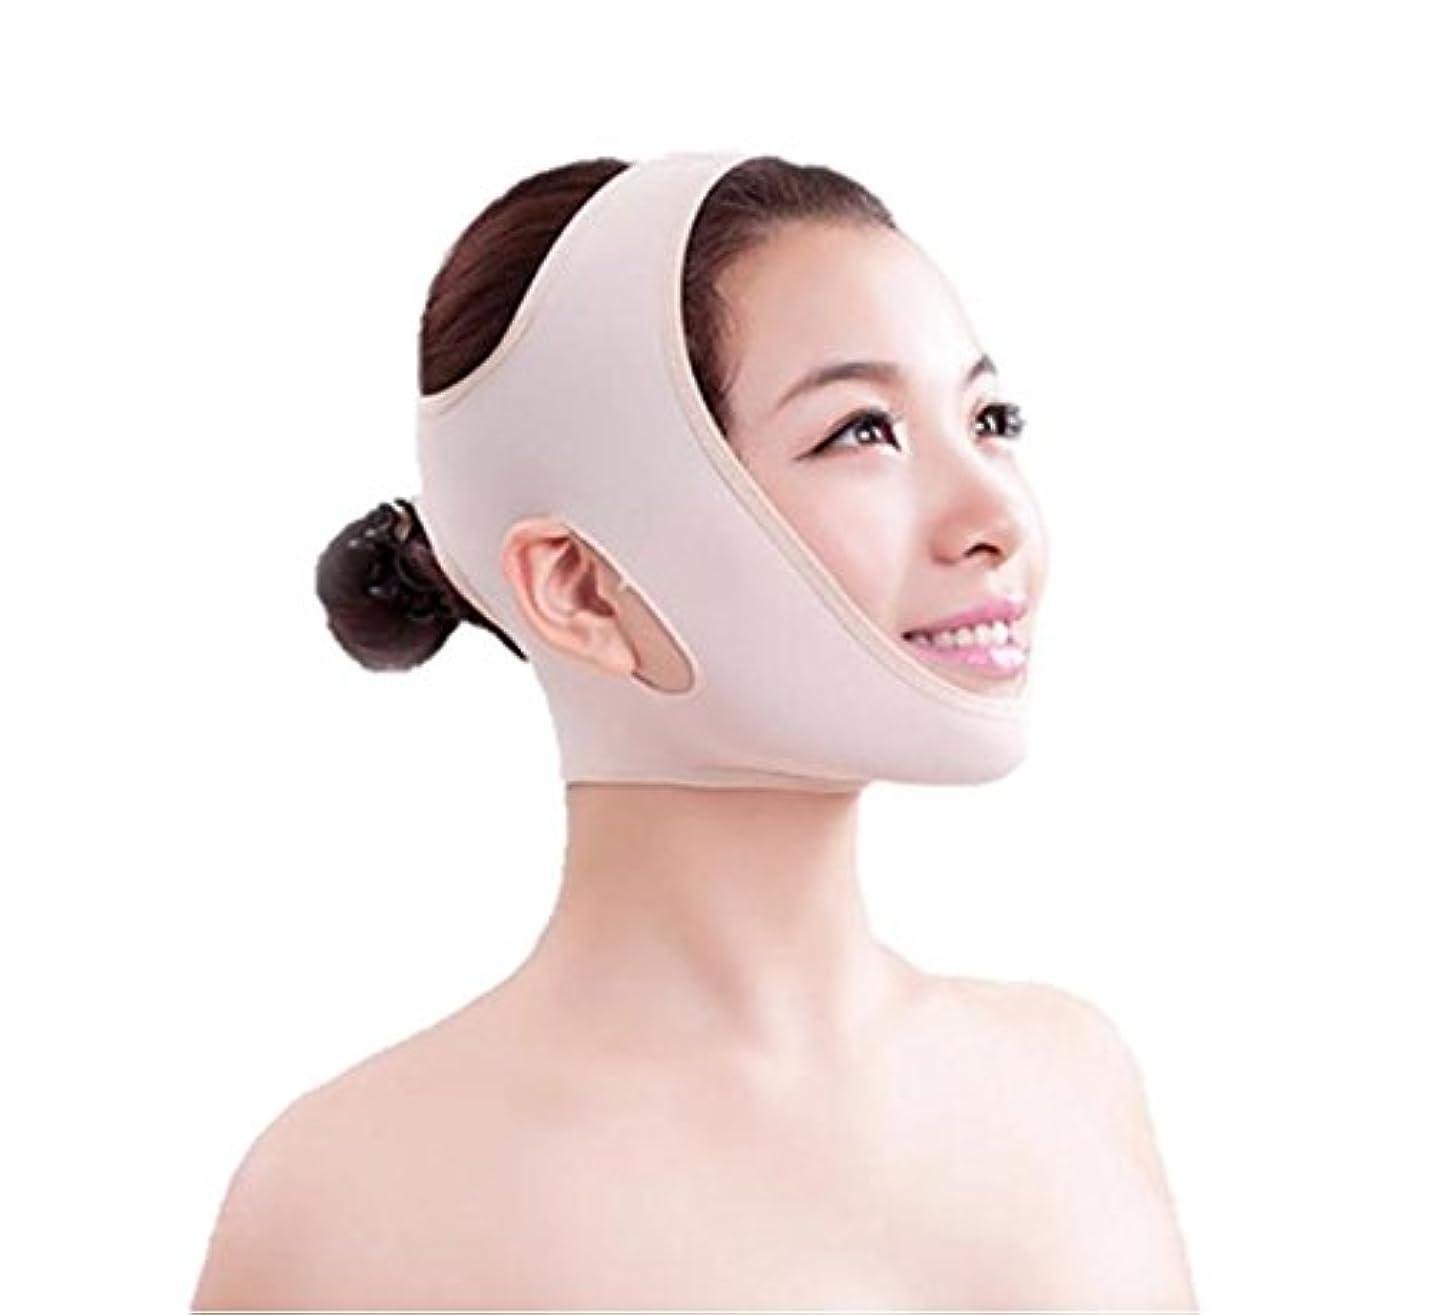 導体続ける北東[XPデザイン] フェイスライン リフトアップ 引き上げ 小顔 美顔 あご ベルト いびき マスク 表情筋 サポーター (Mサイズ)